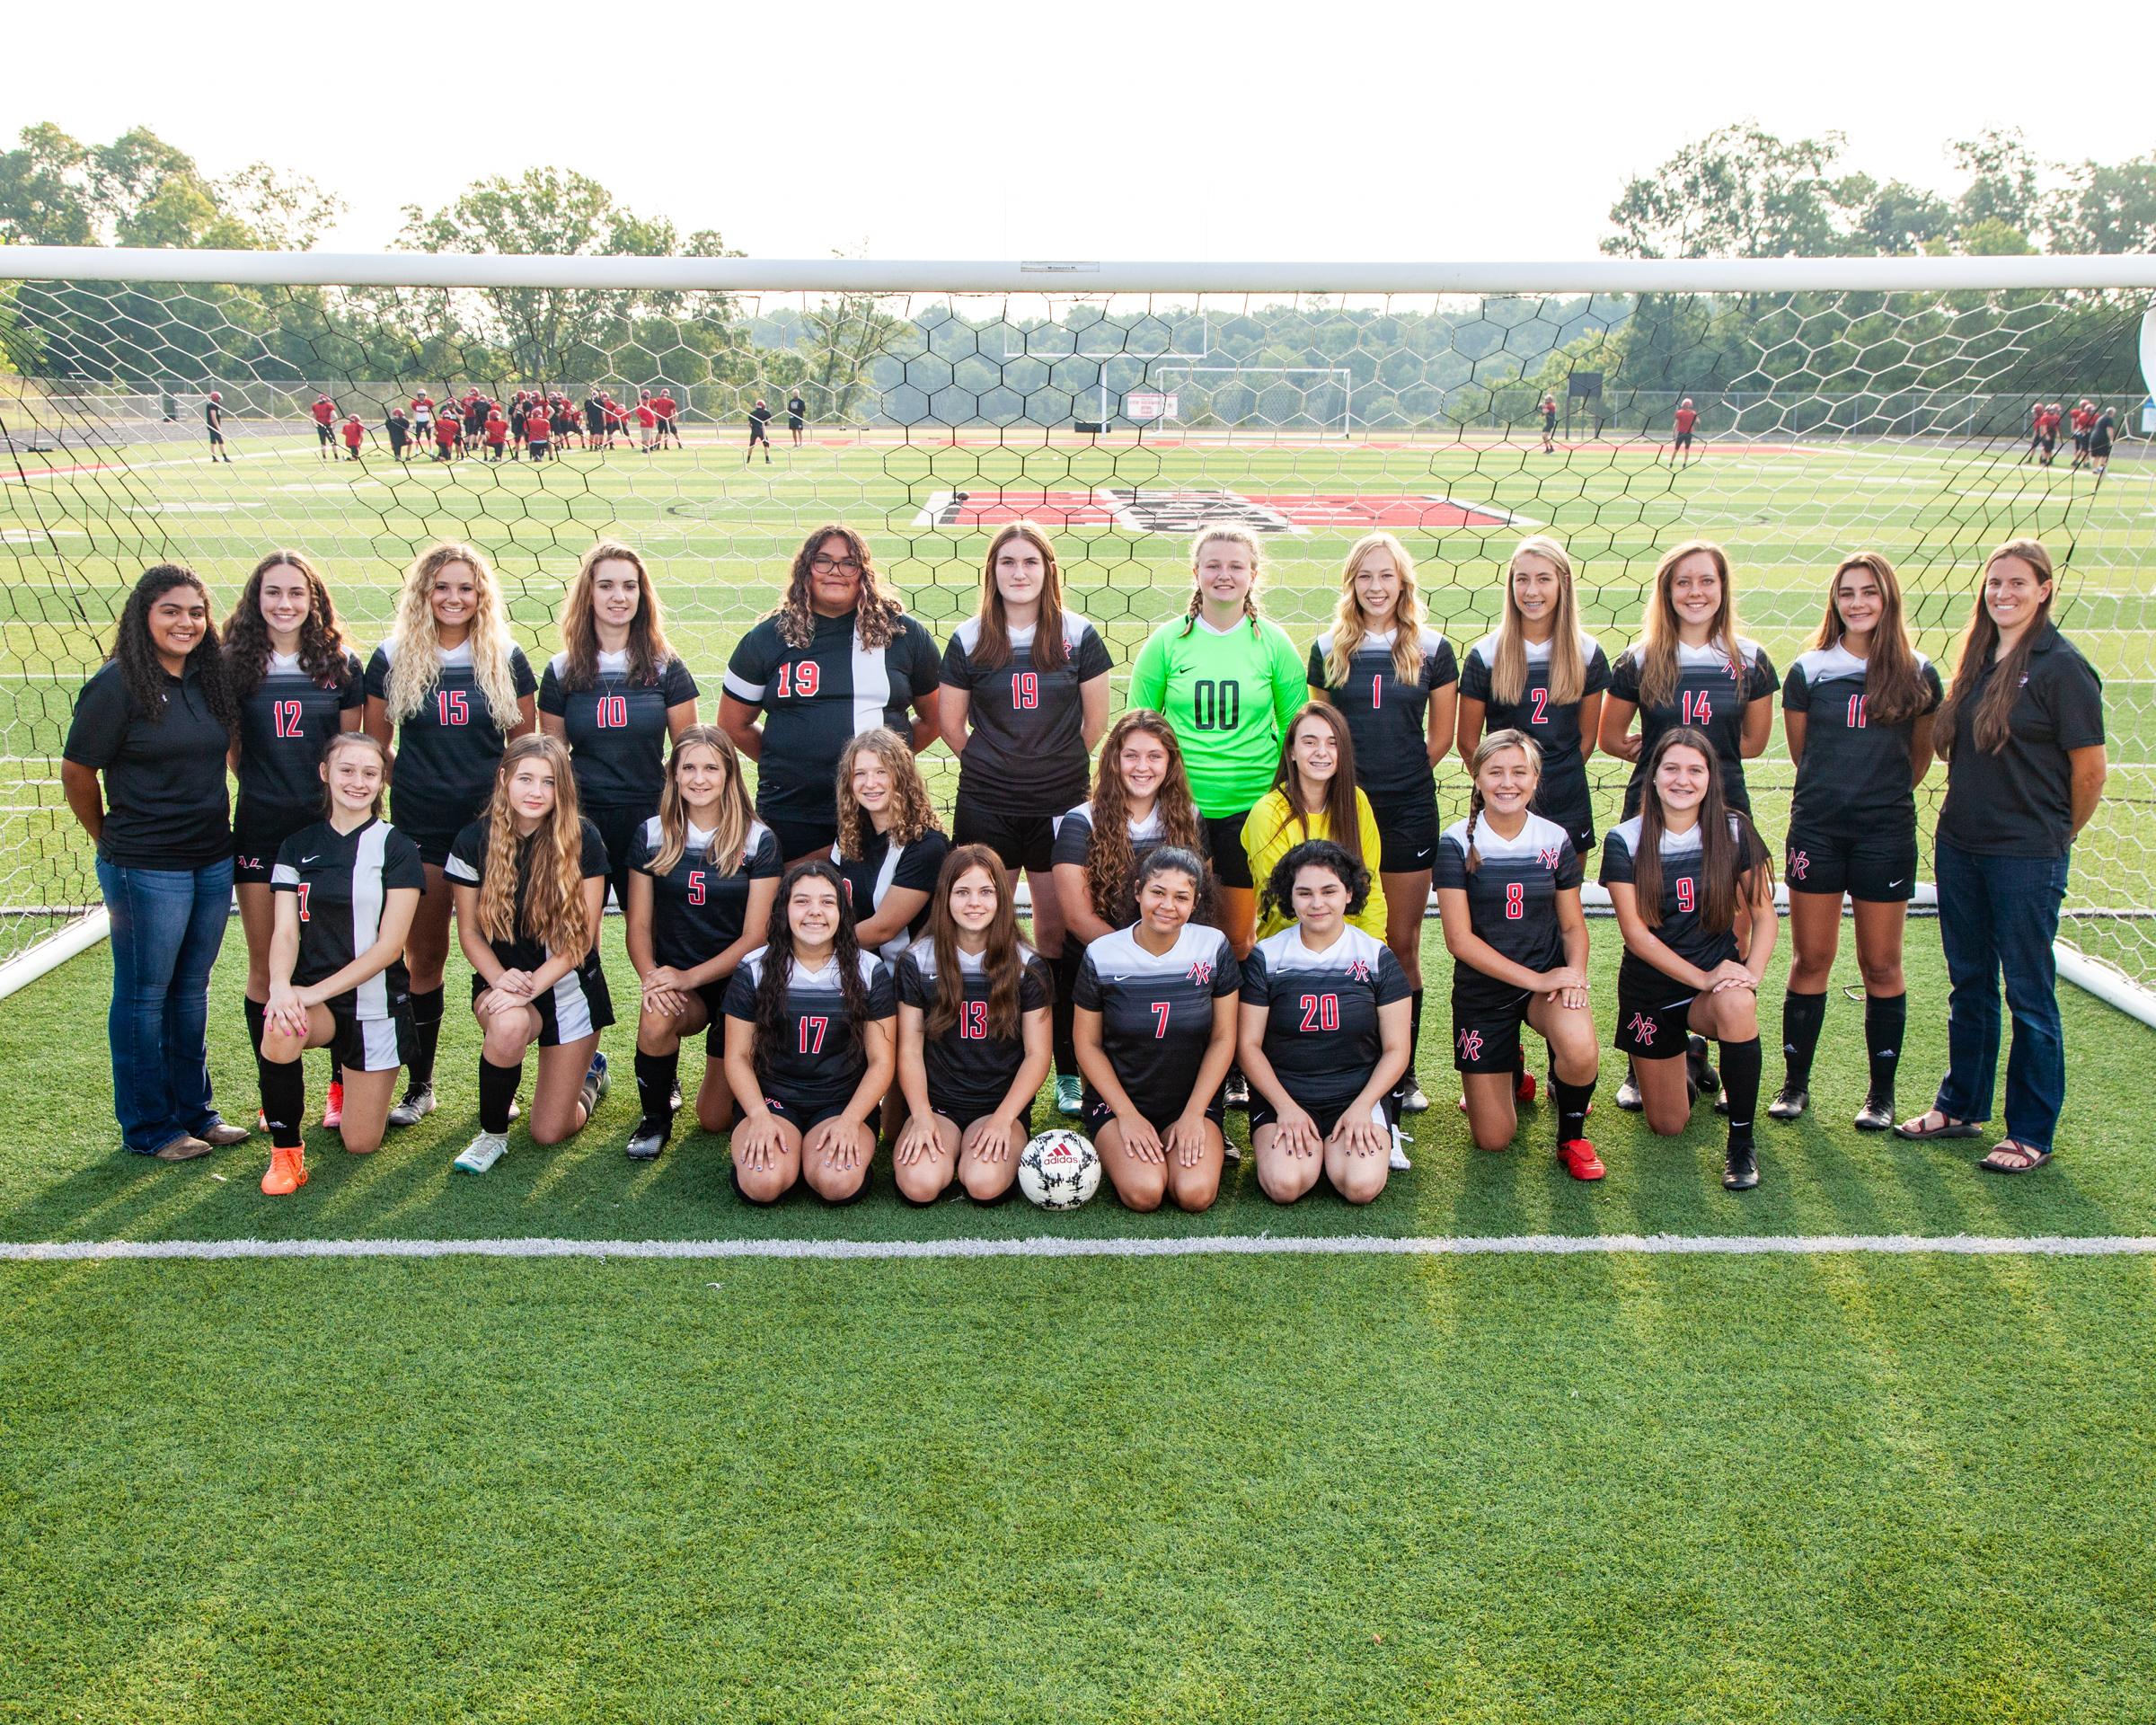 2021 Girls soccer team